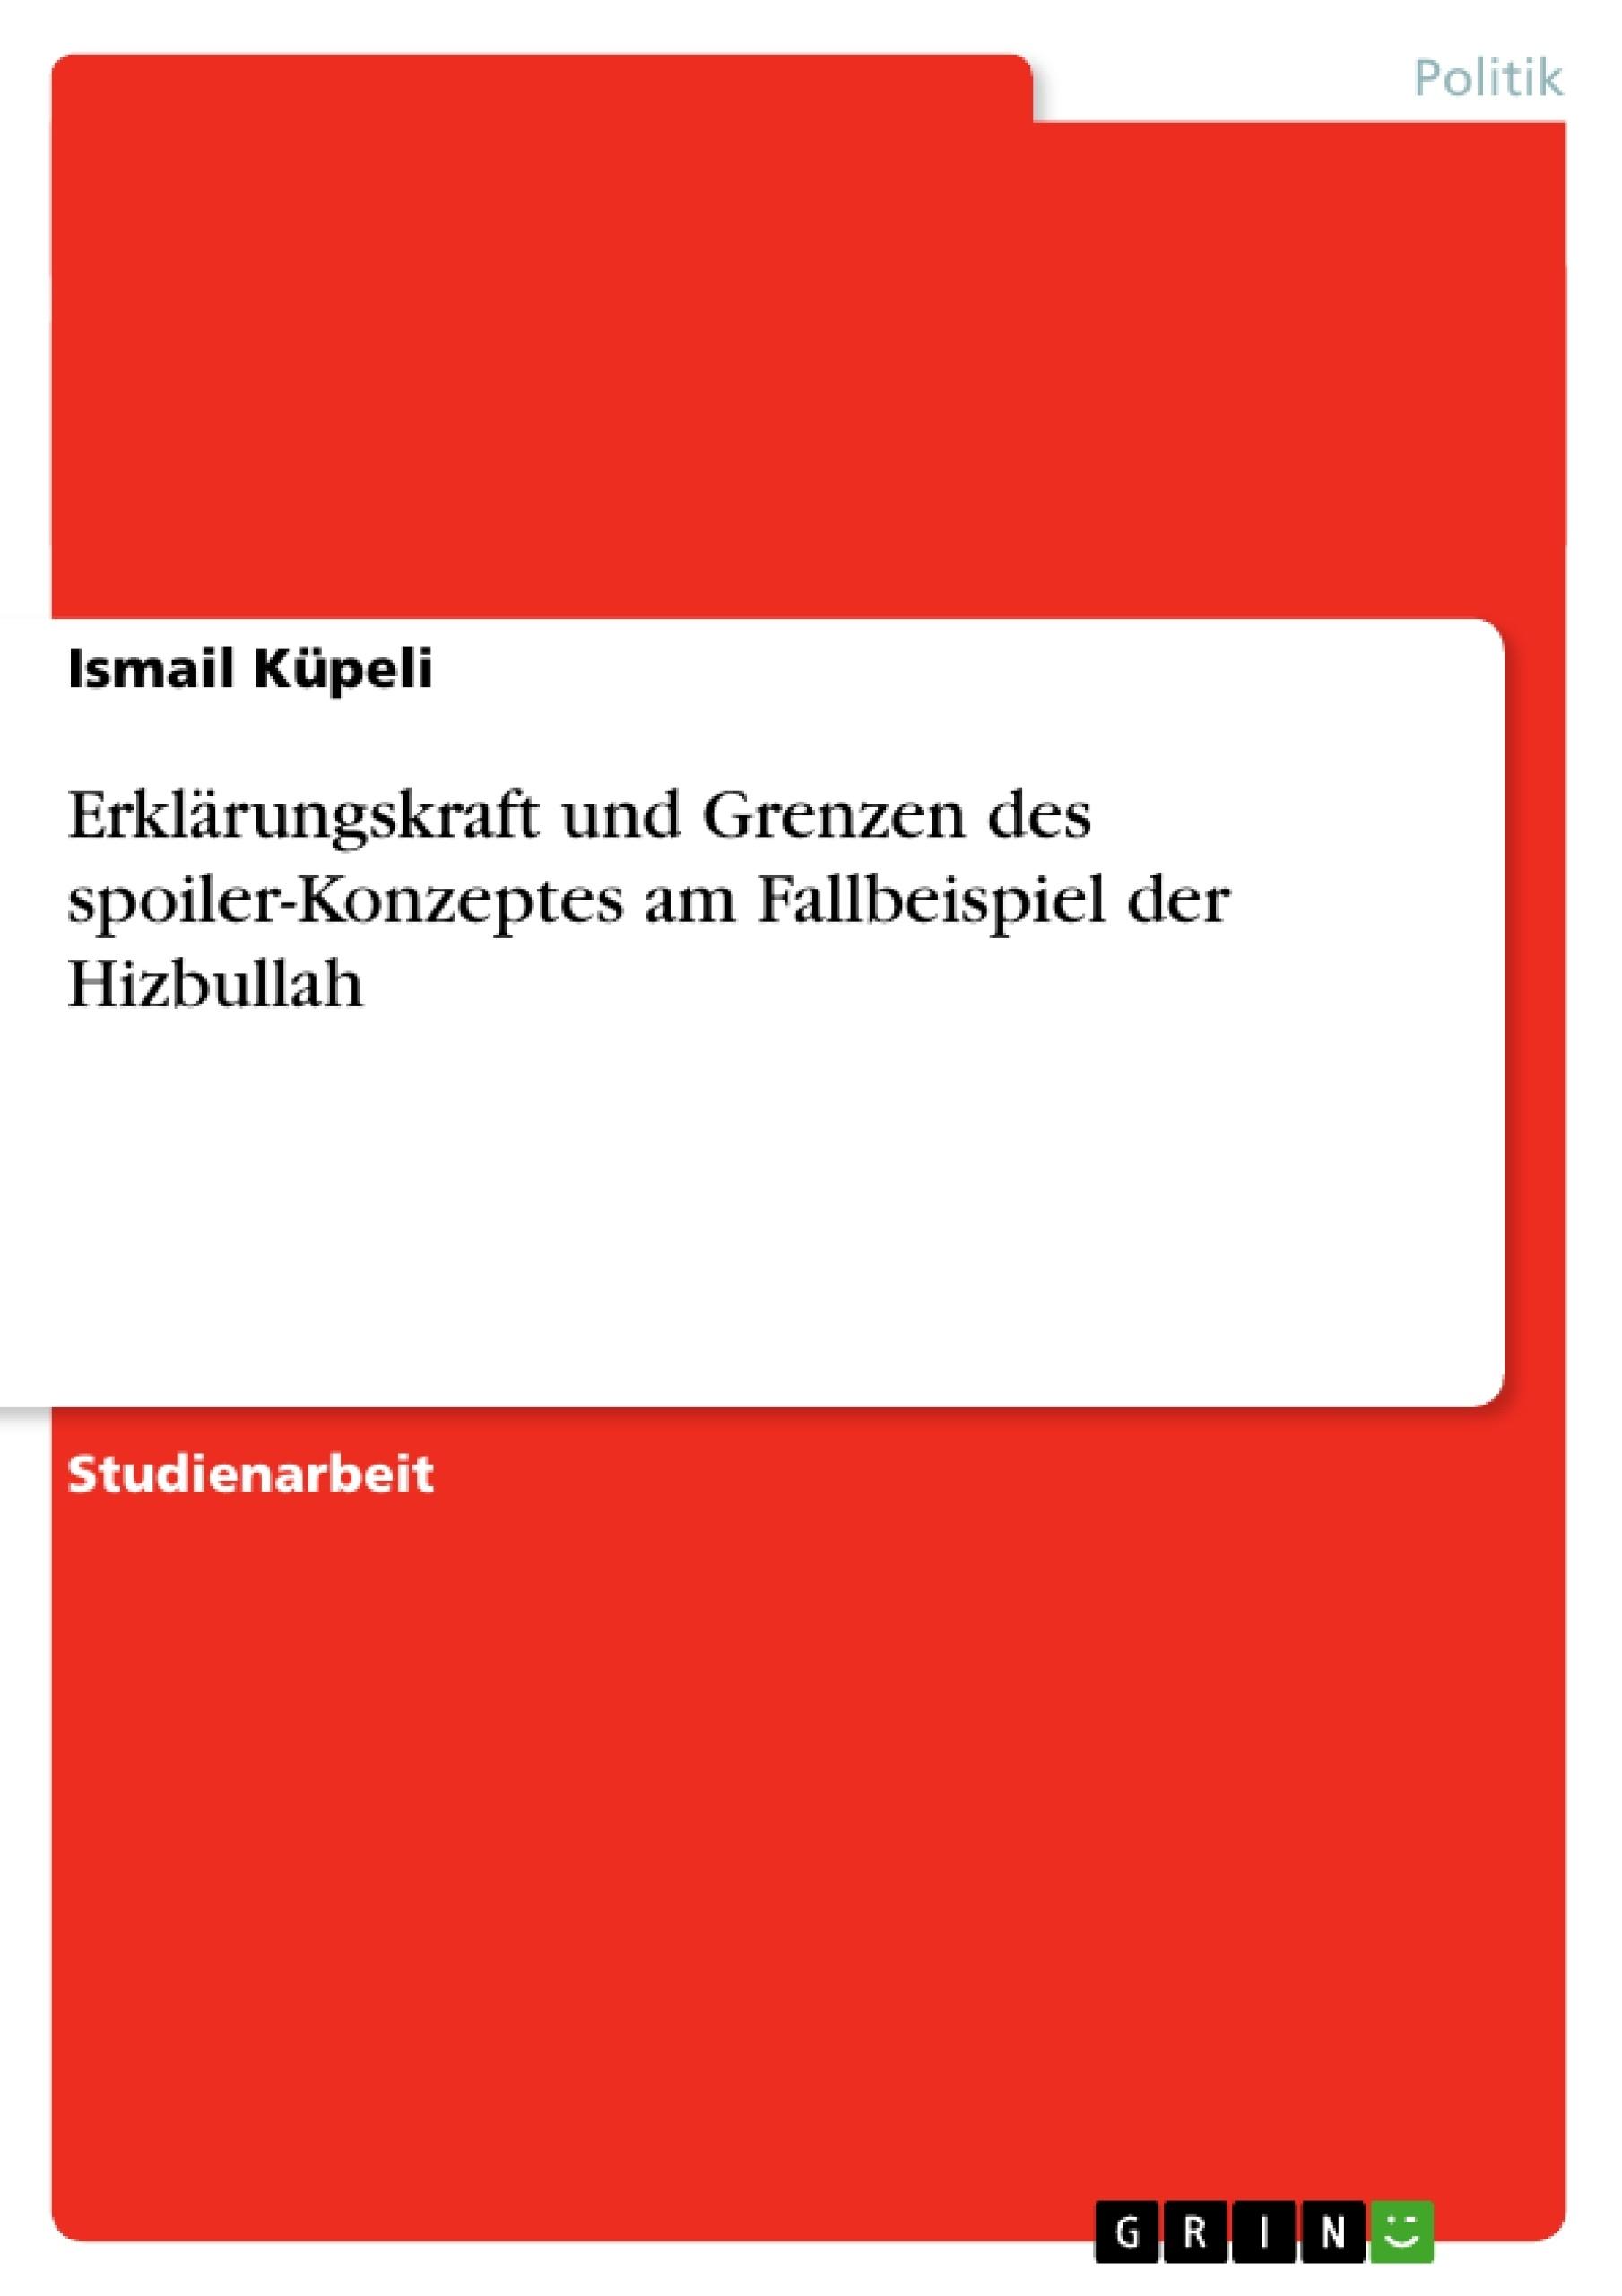 Titel: Erklärungskraft und Grenzen des spoiler-Konzeptes am Fallbeispiel der Hizbullah